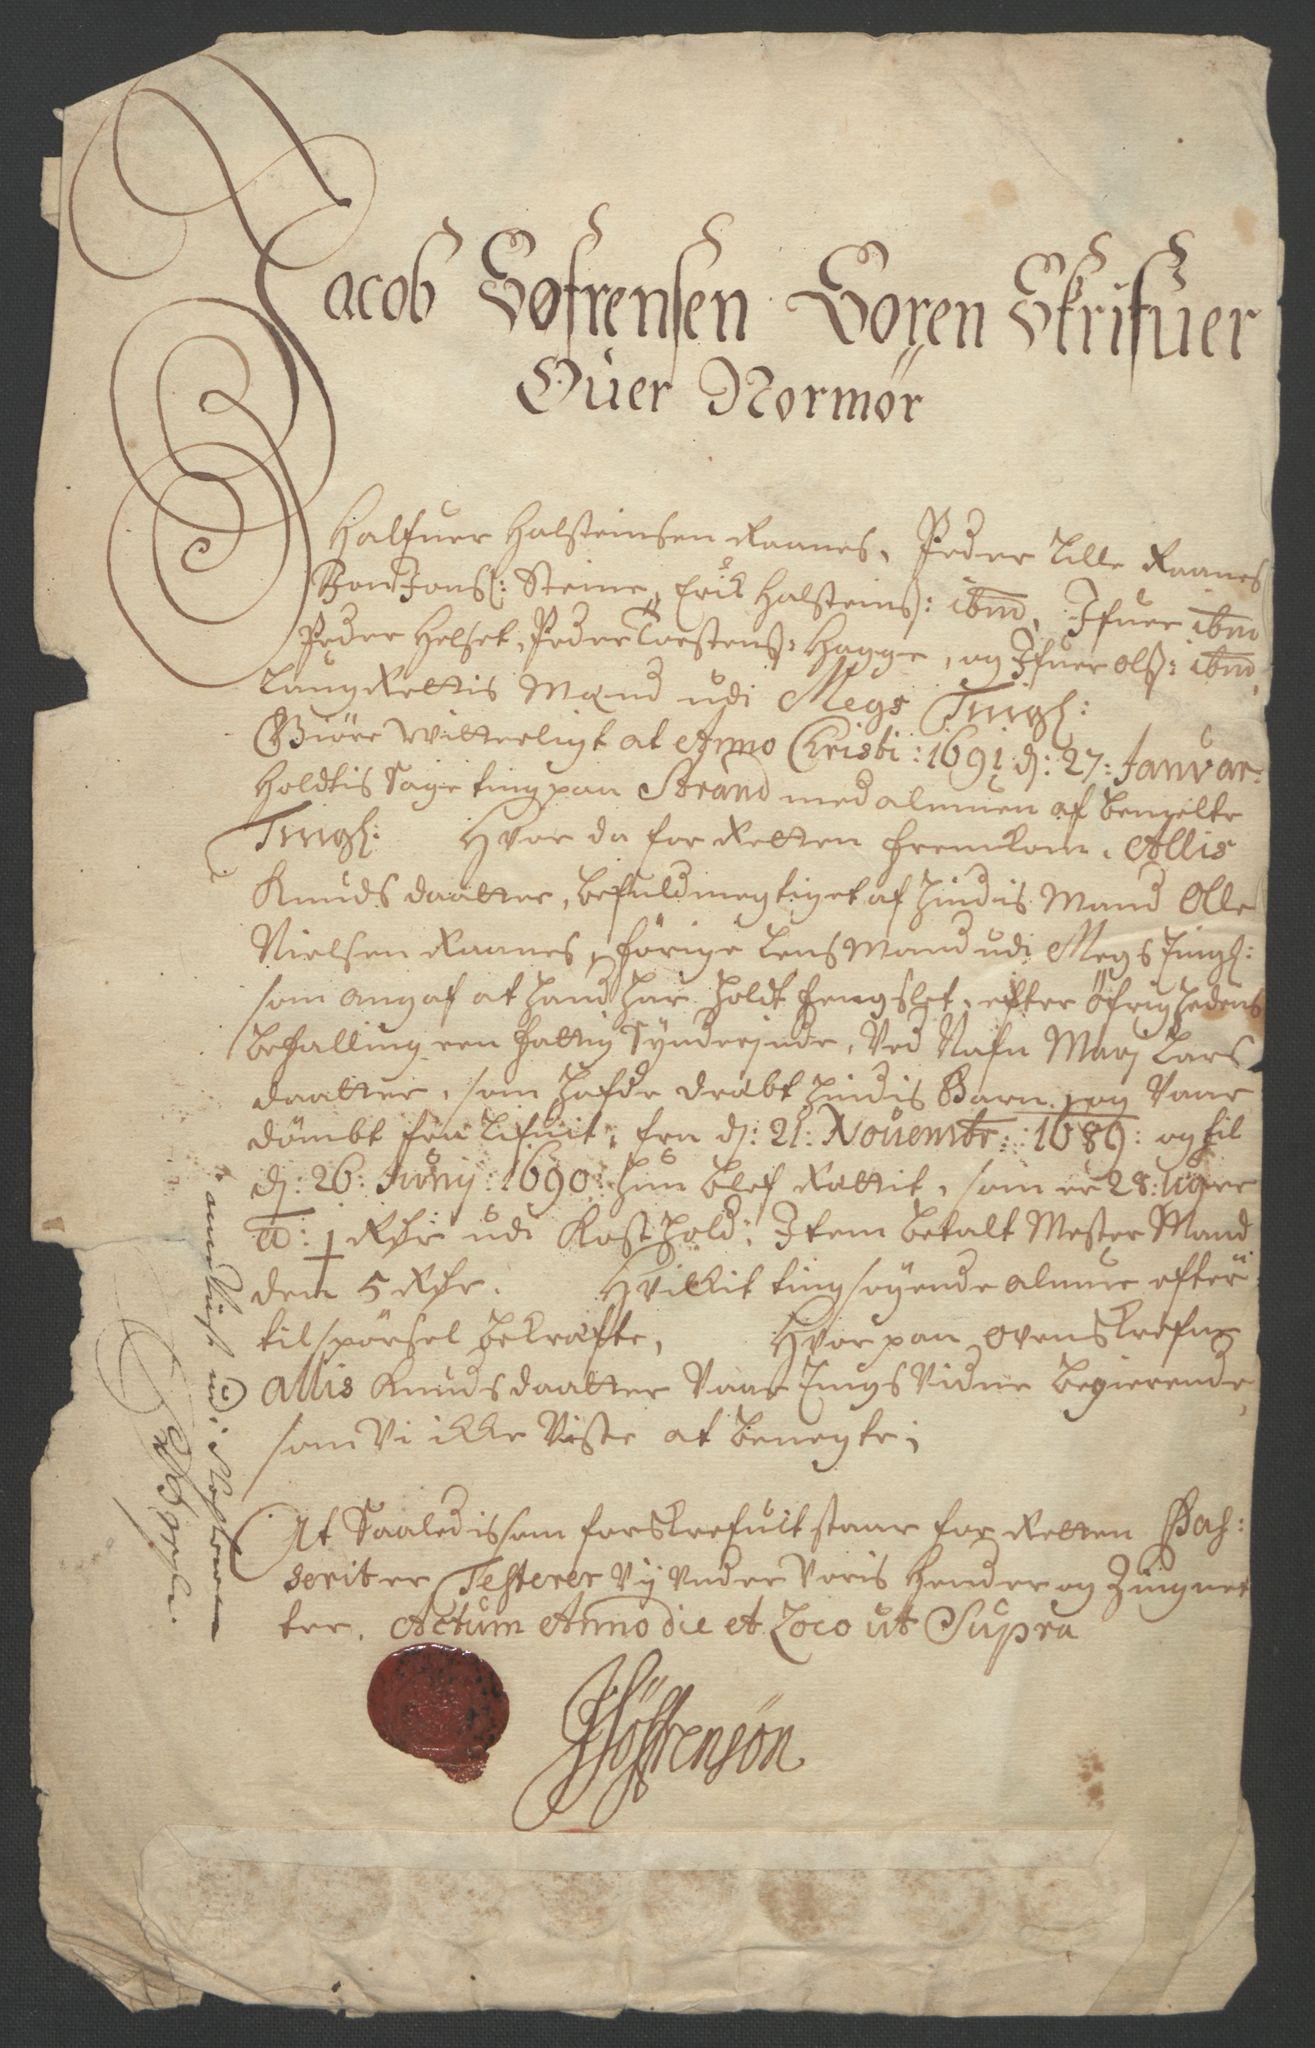 RA, Rentekammeret inntil 1814, Reviderte regnskaper, Fogderegnskap, R56/L3734: Fogderegnskap Nordmøre, 1690-1691, s. 217